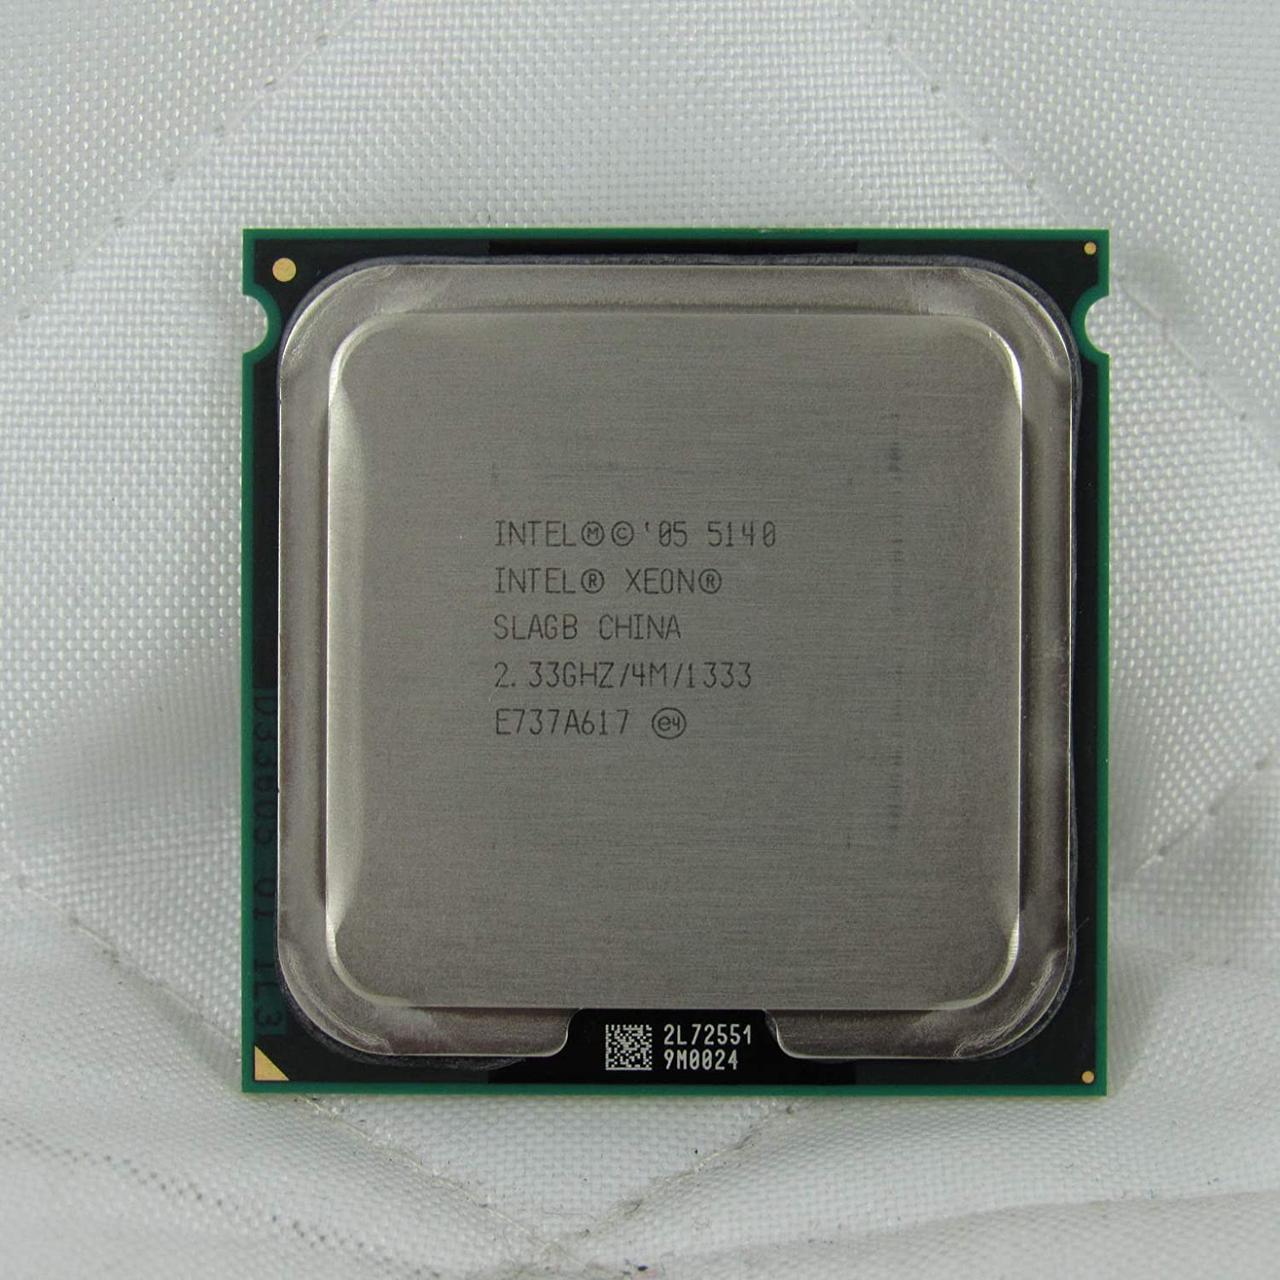 Процессор Intel CPU Xeon 5140 2333MHz/4M/1333 (SLAGB)